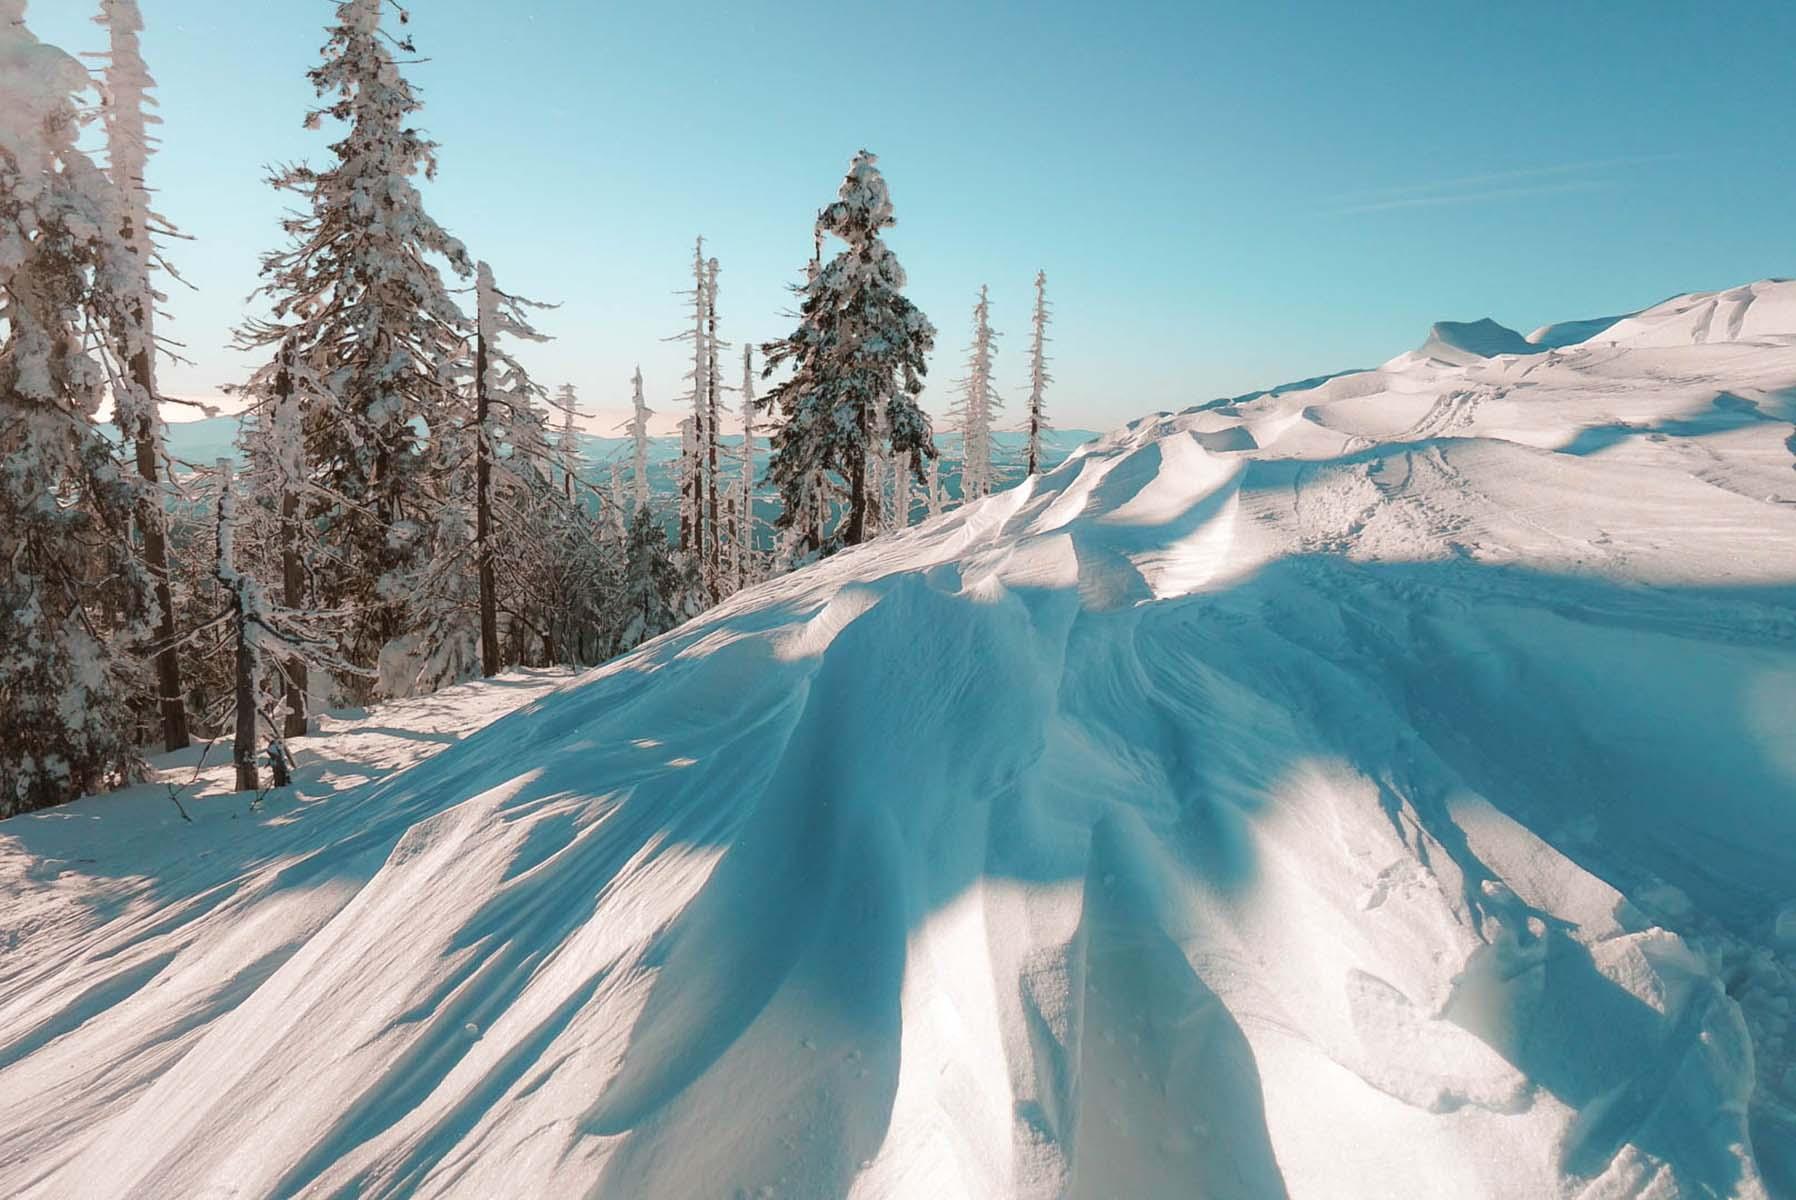 winterwanderung-lusen-winter-baueme-schnee-12